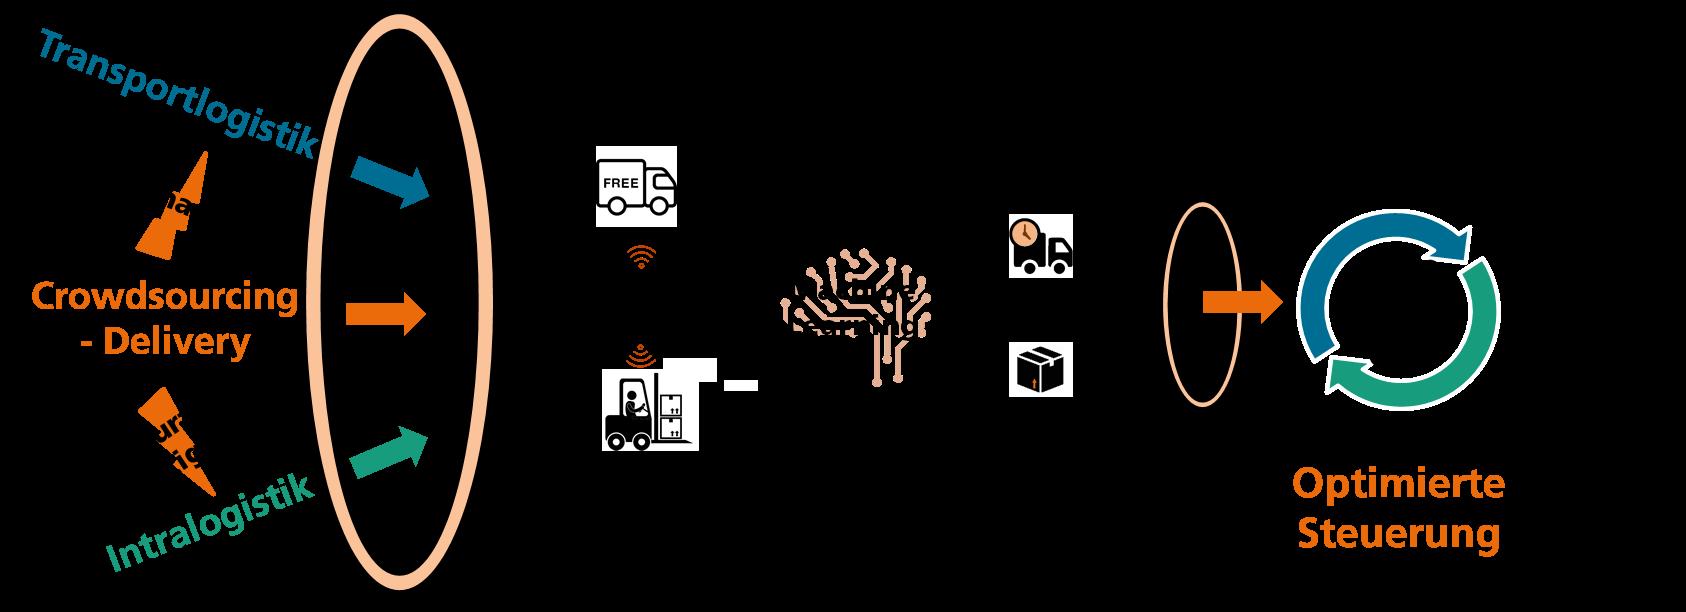 Grafik: schematischer Projektaufbau